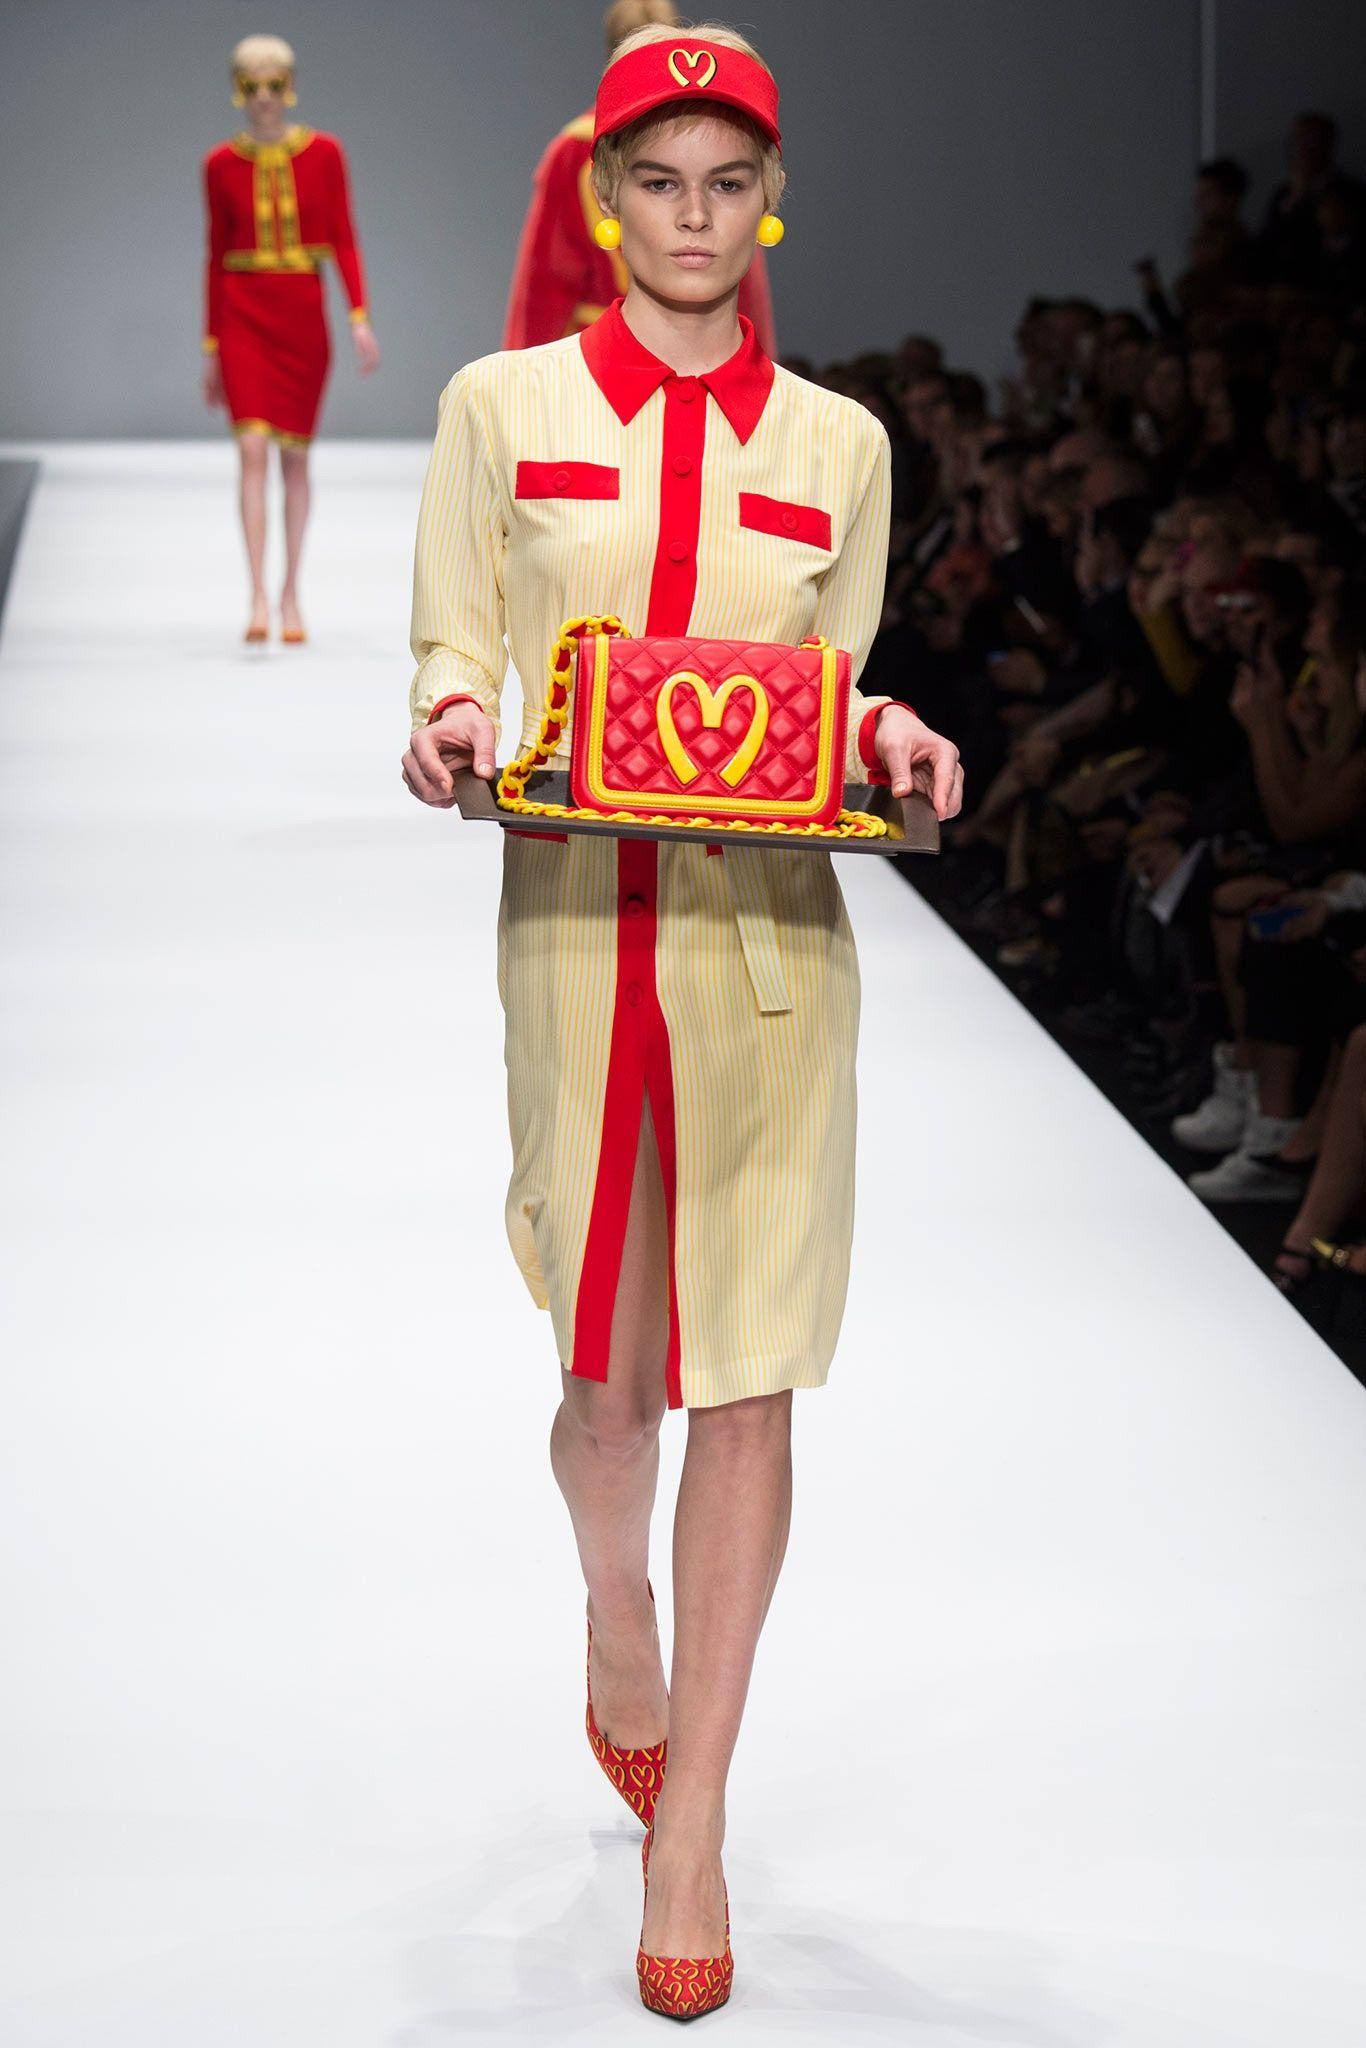 Deretan Pakaian yang Terinspirasi dari McDonald's, Unik Semua!